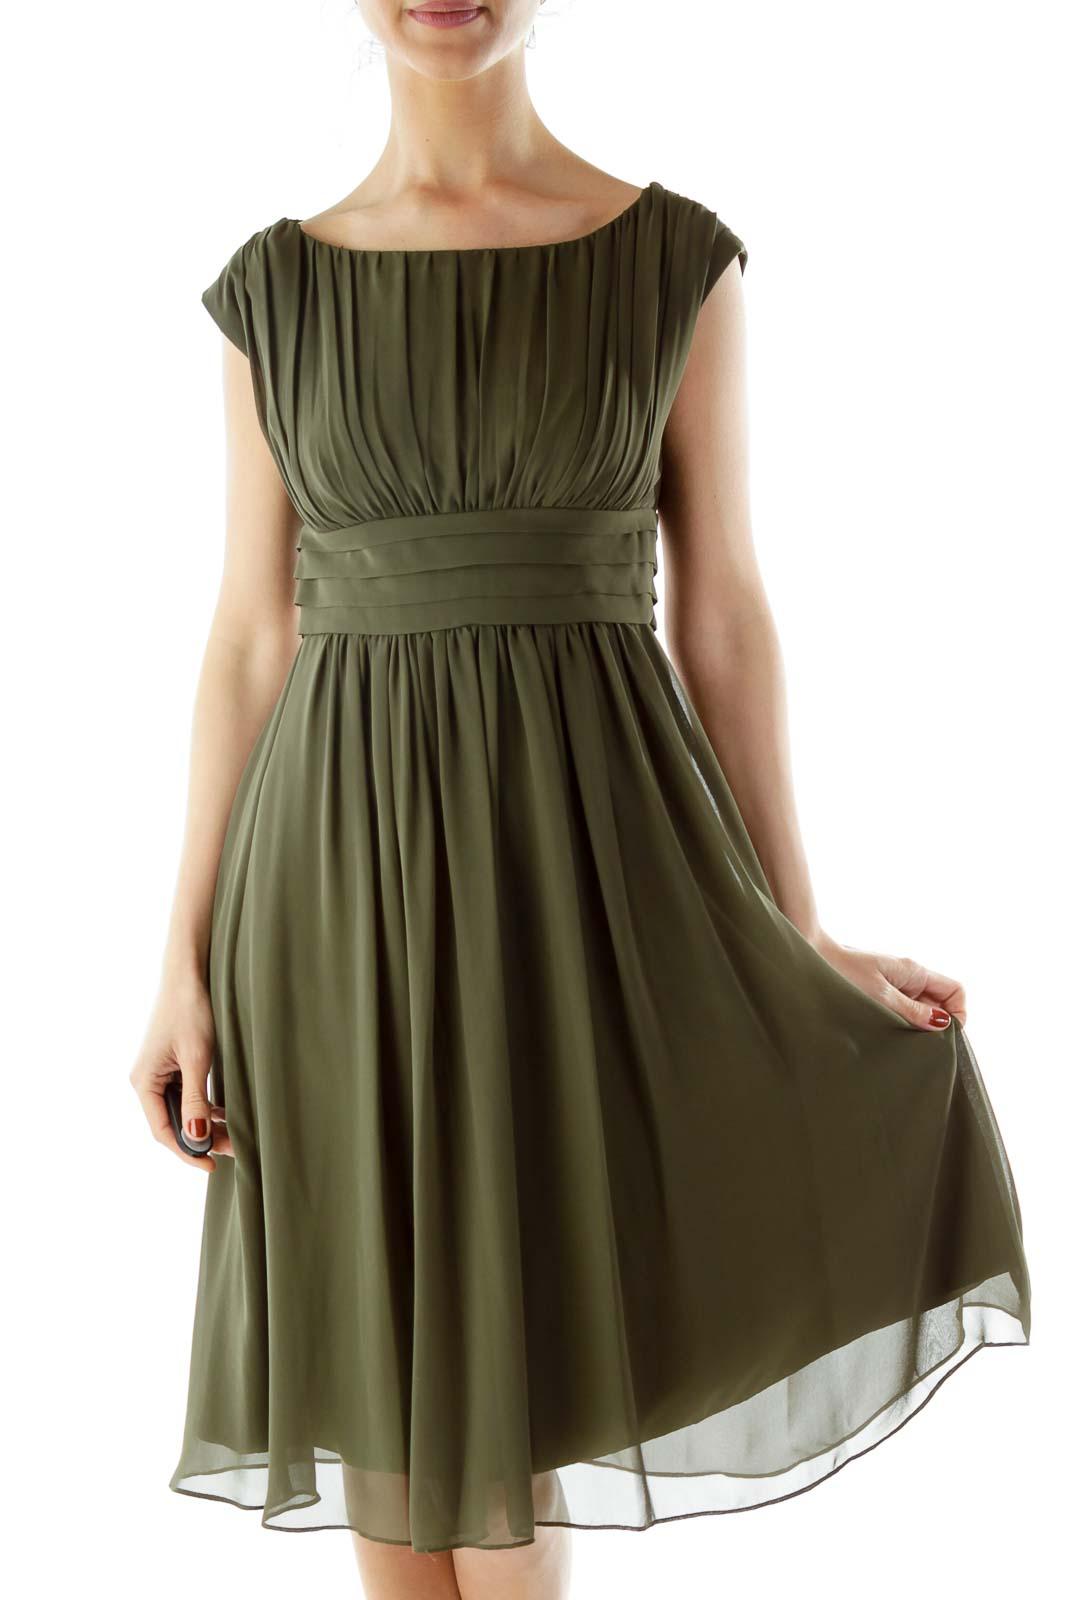 Green Boatneck Empire Waist Dress Front